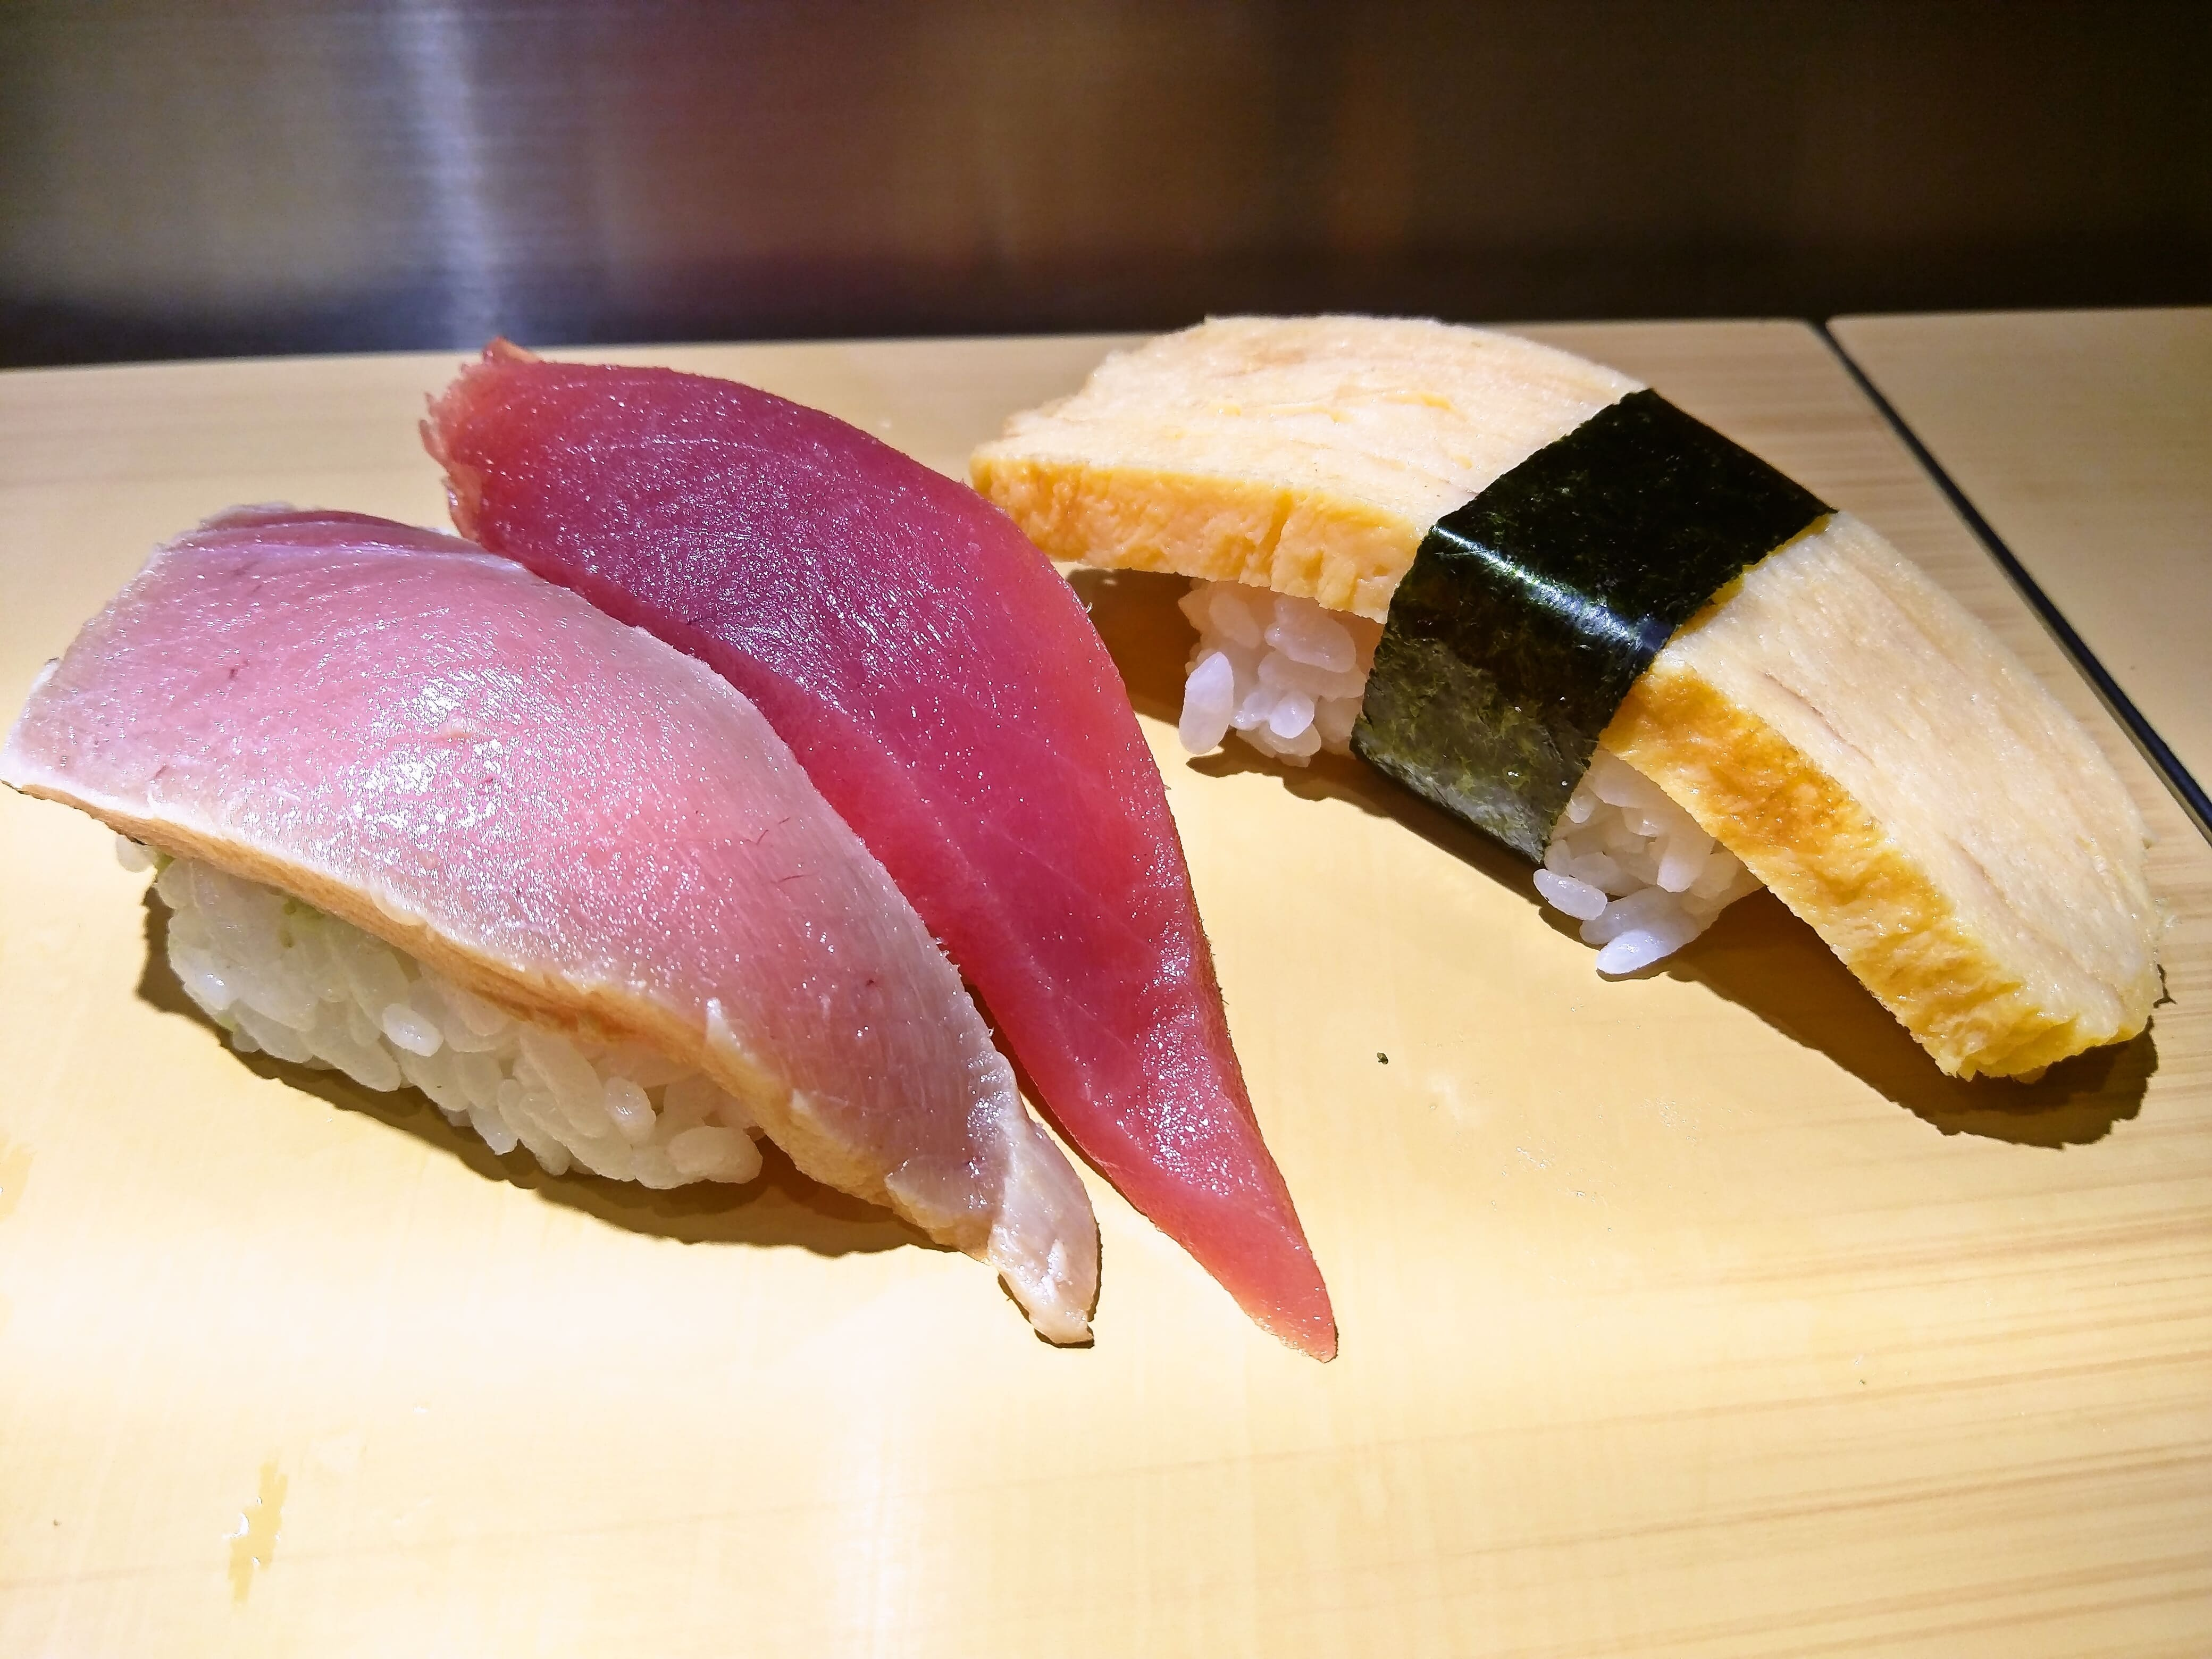 コスパが良い大人気な立ち食い寿司 ~ 池袋 立喰 美登利 エチカ池袋店